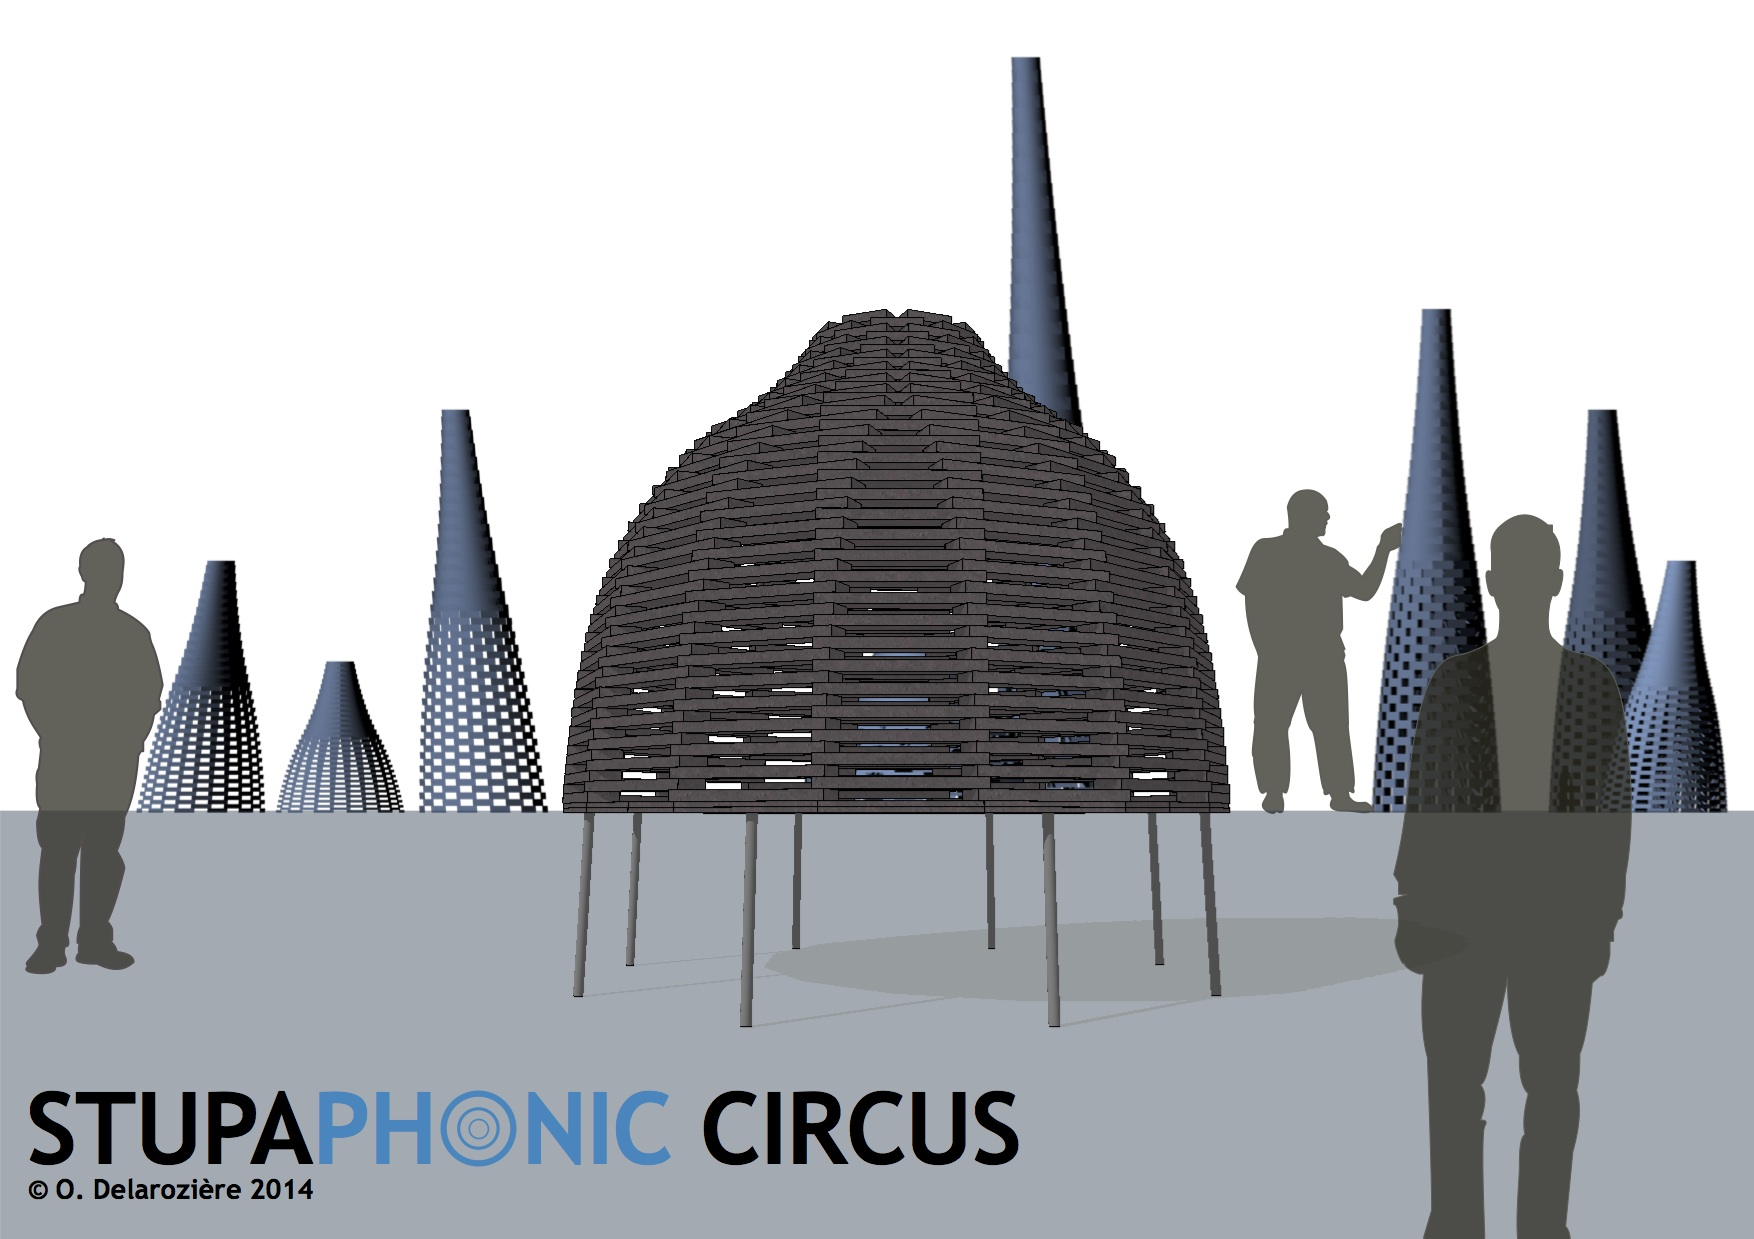 2014/14.04 – Stupaphonic Circus